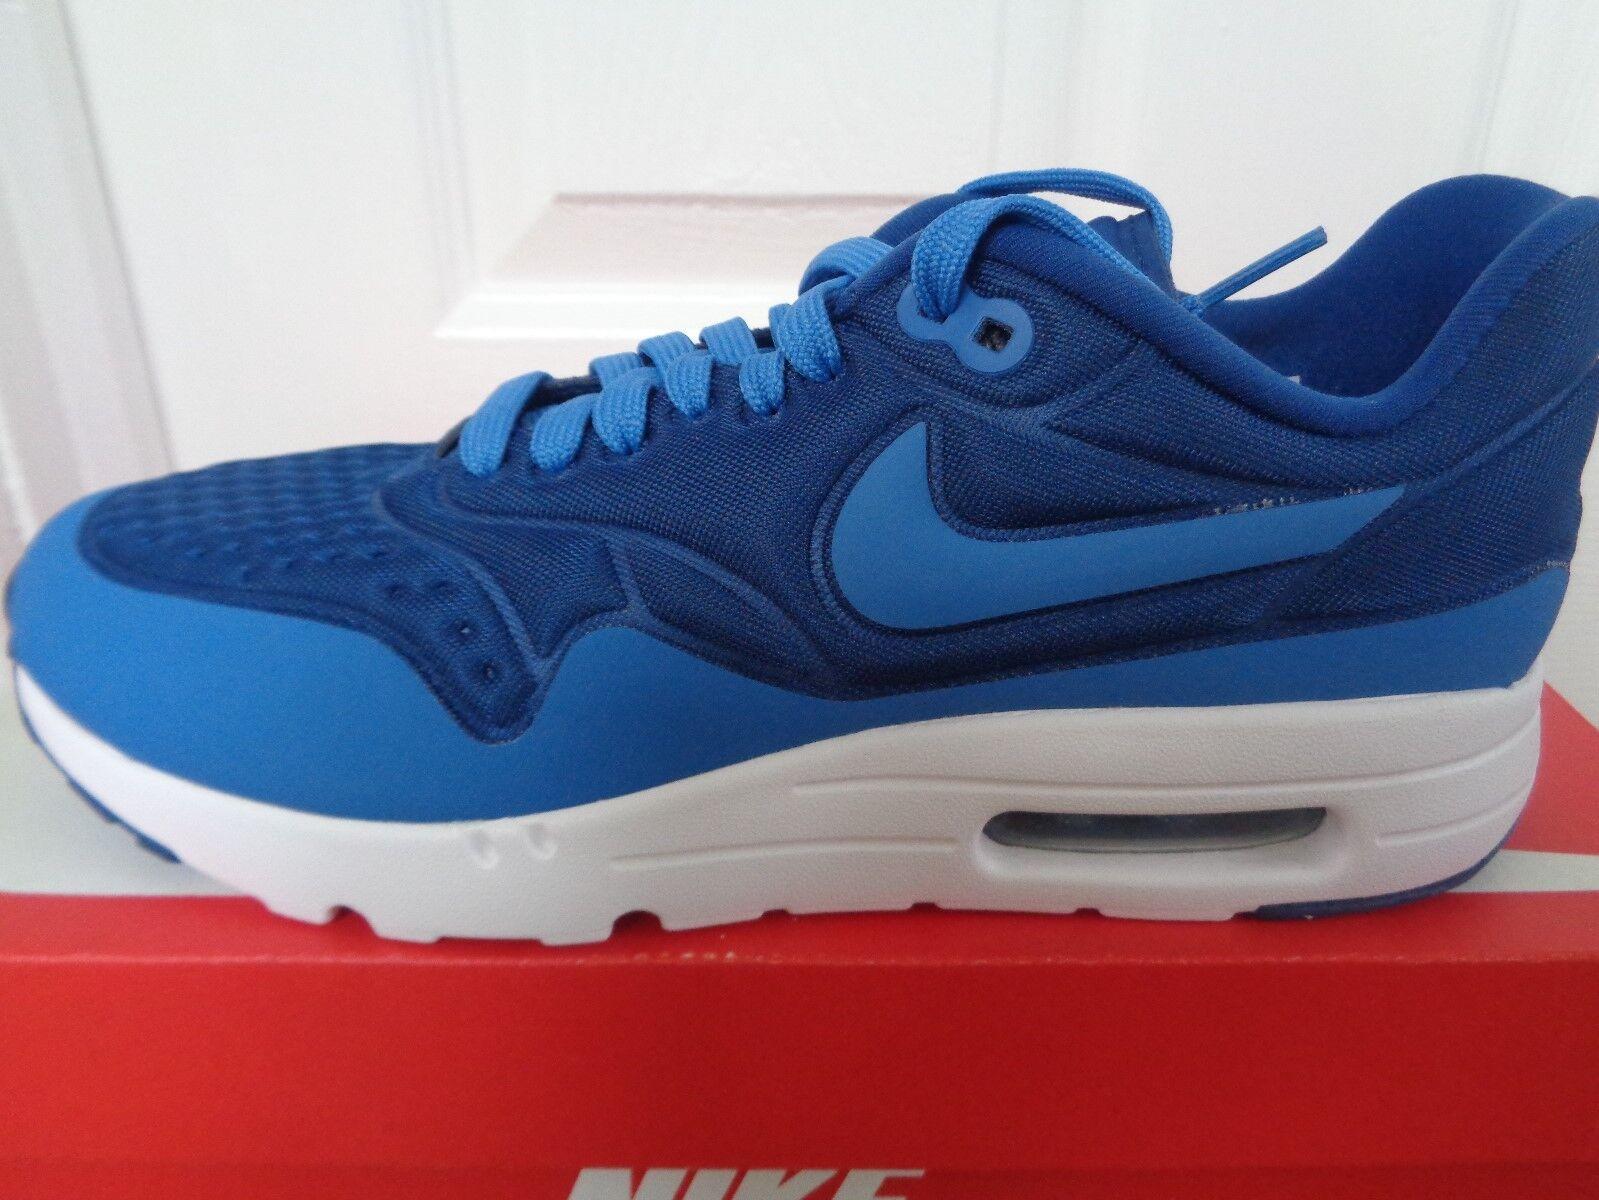 Max 1 Tenis Ultra SE Nike Air Tenis 1 Zapatillas 845038 nos 8 Nuevo  Caja 2f86aa